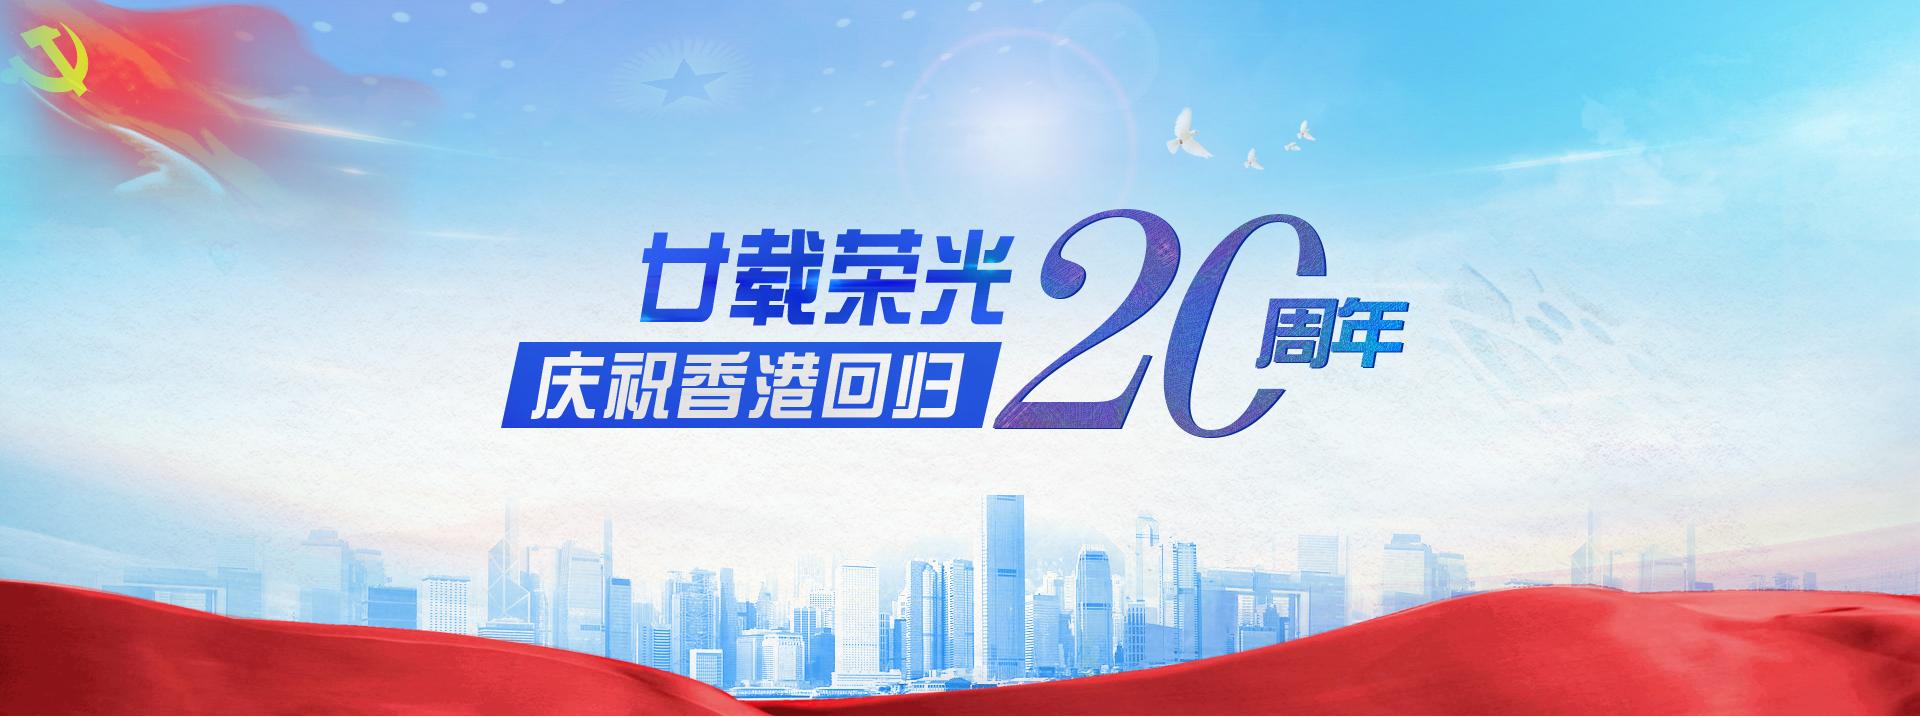 廿载荣光 庆祝香港回归20周年